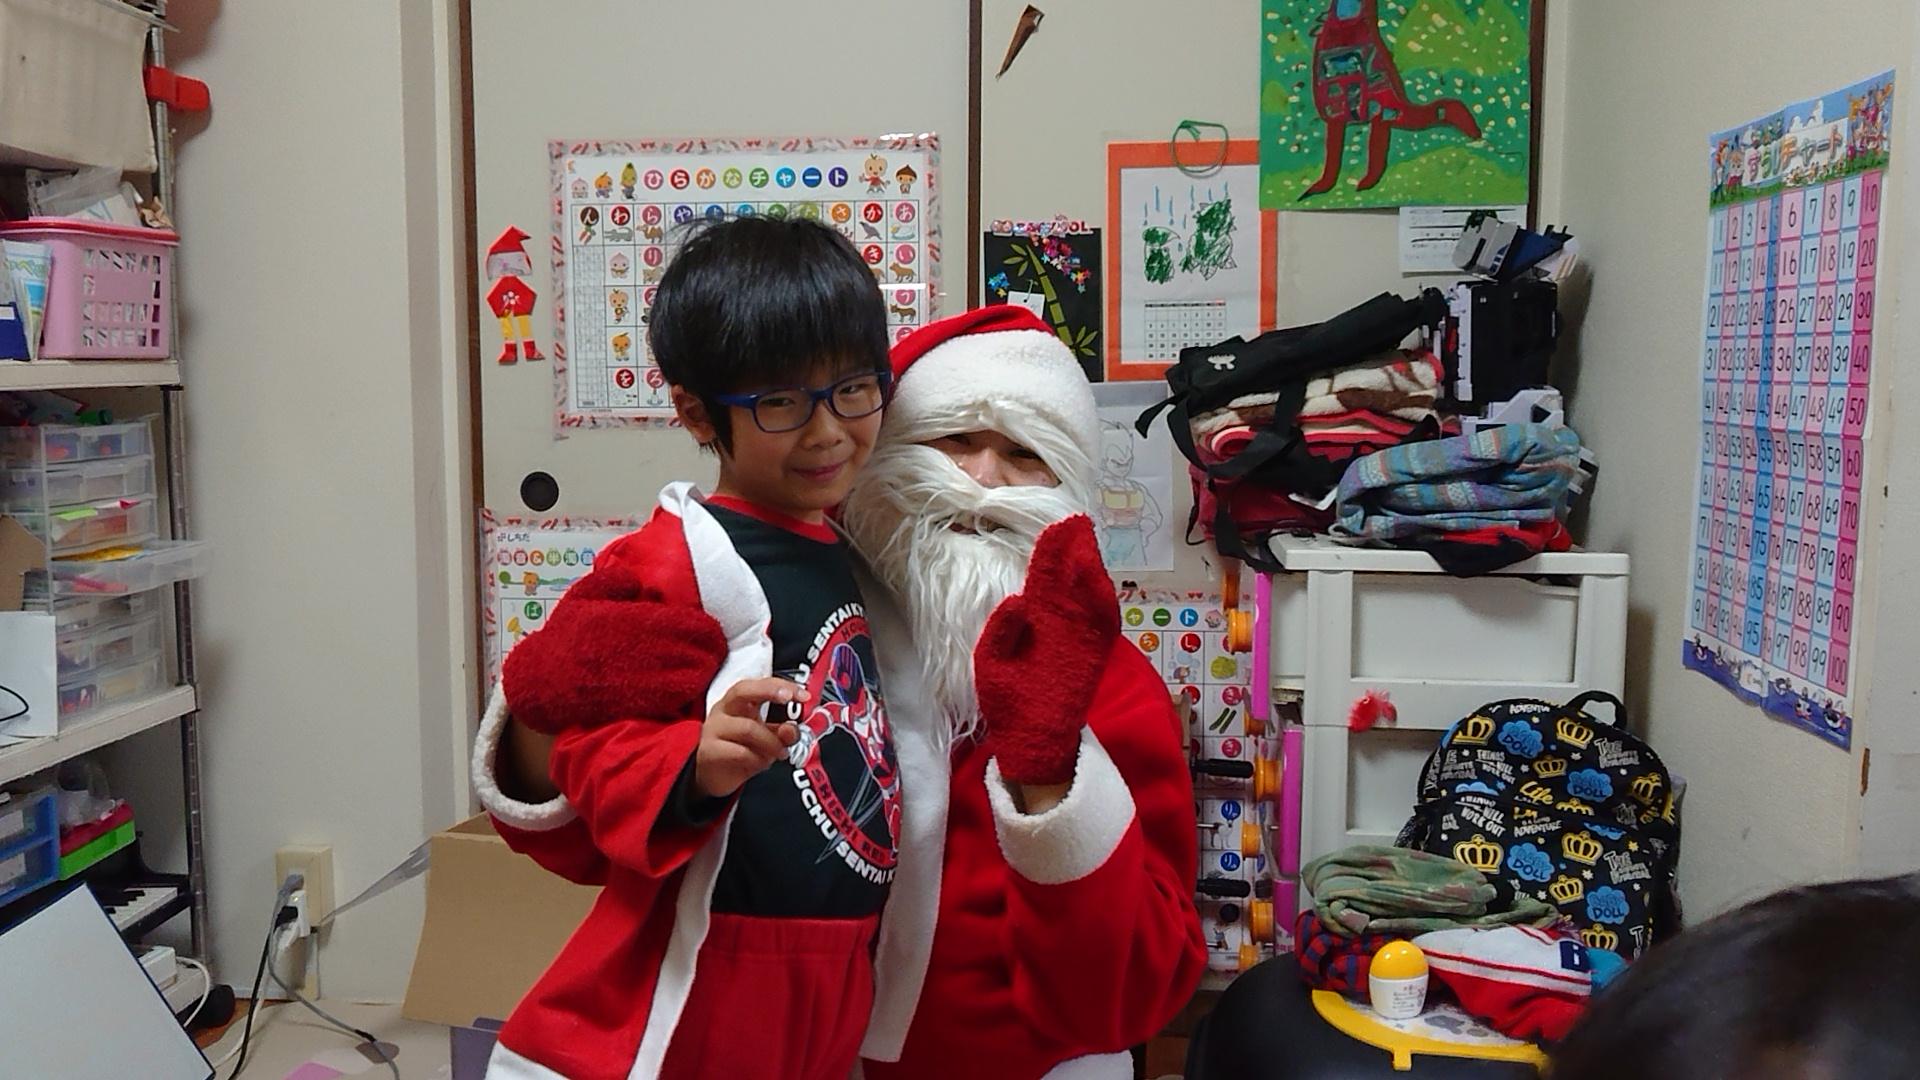 サンタさんも、キミの成長を見守ってるよ。